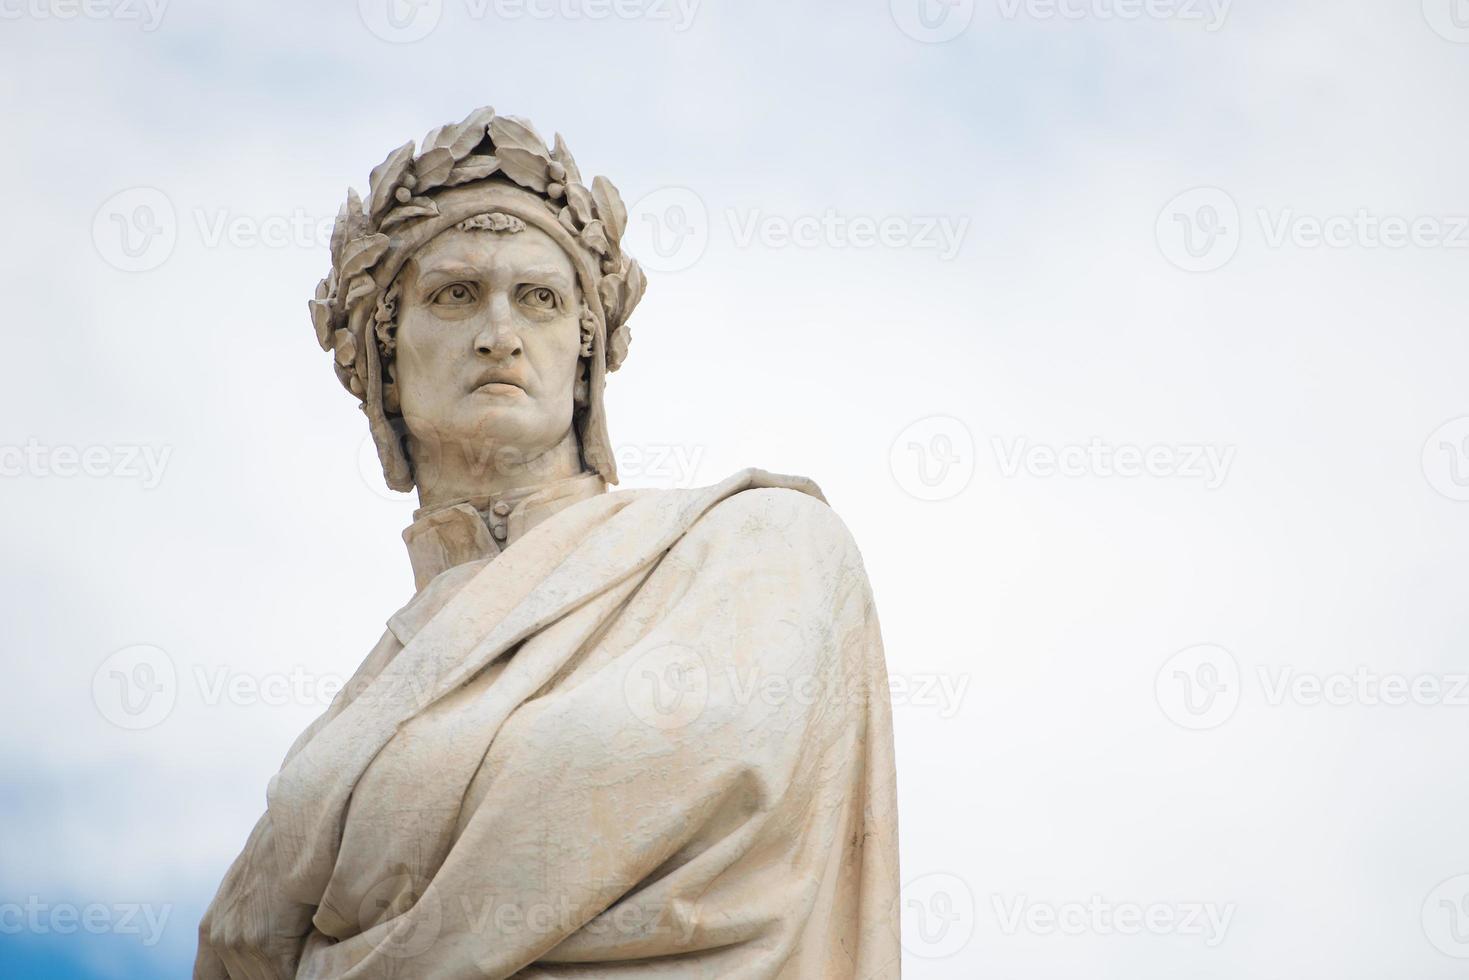 staty av Dante Alighieri i Florens, Italien foto